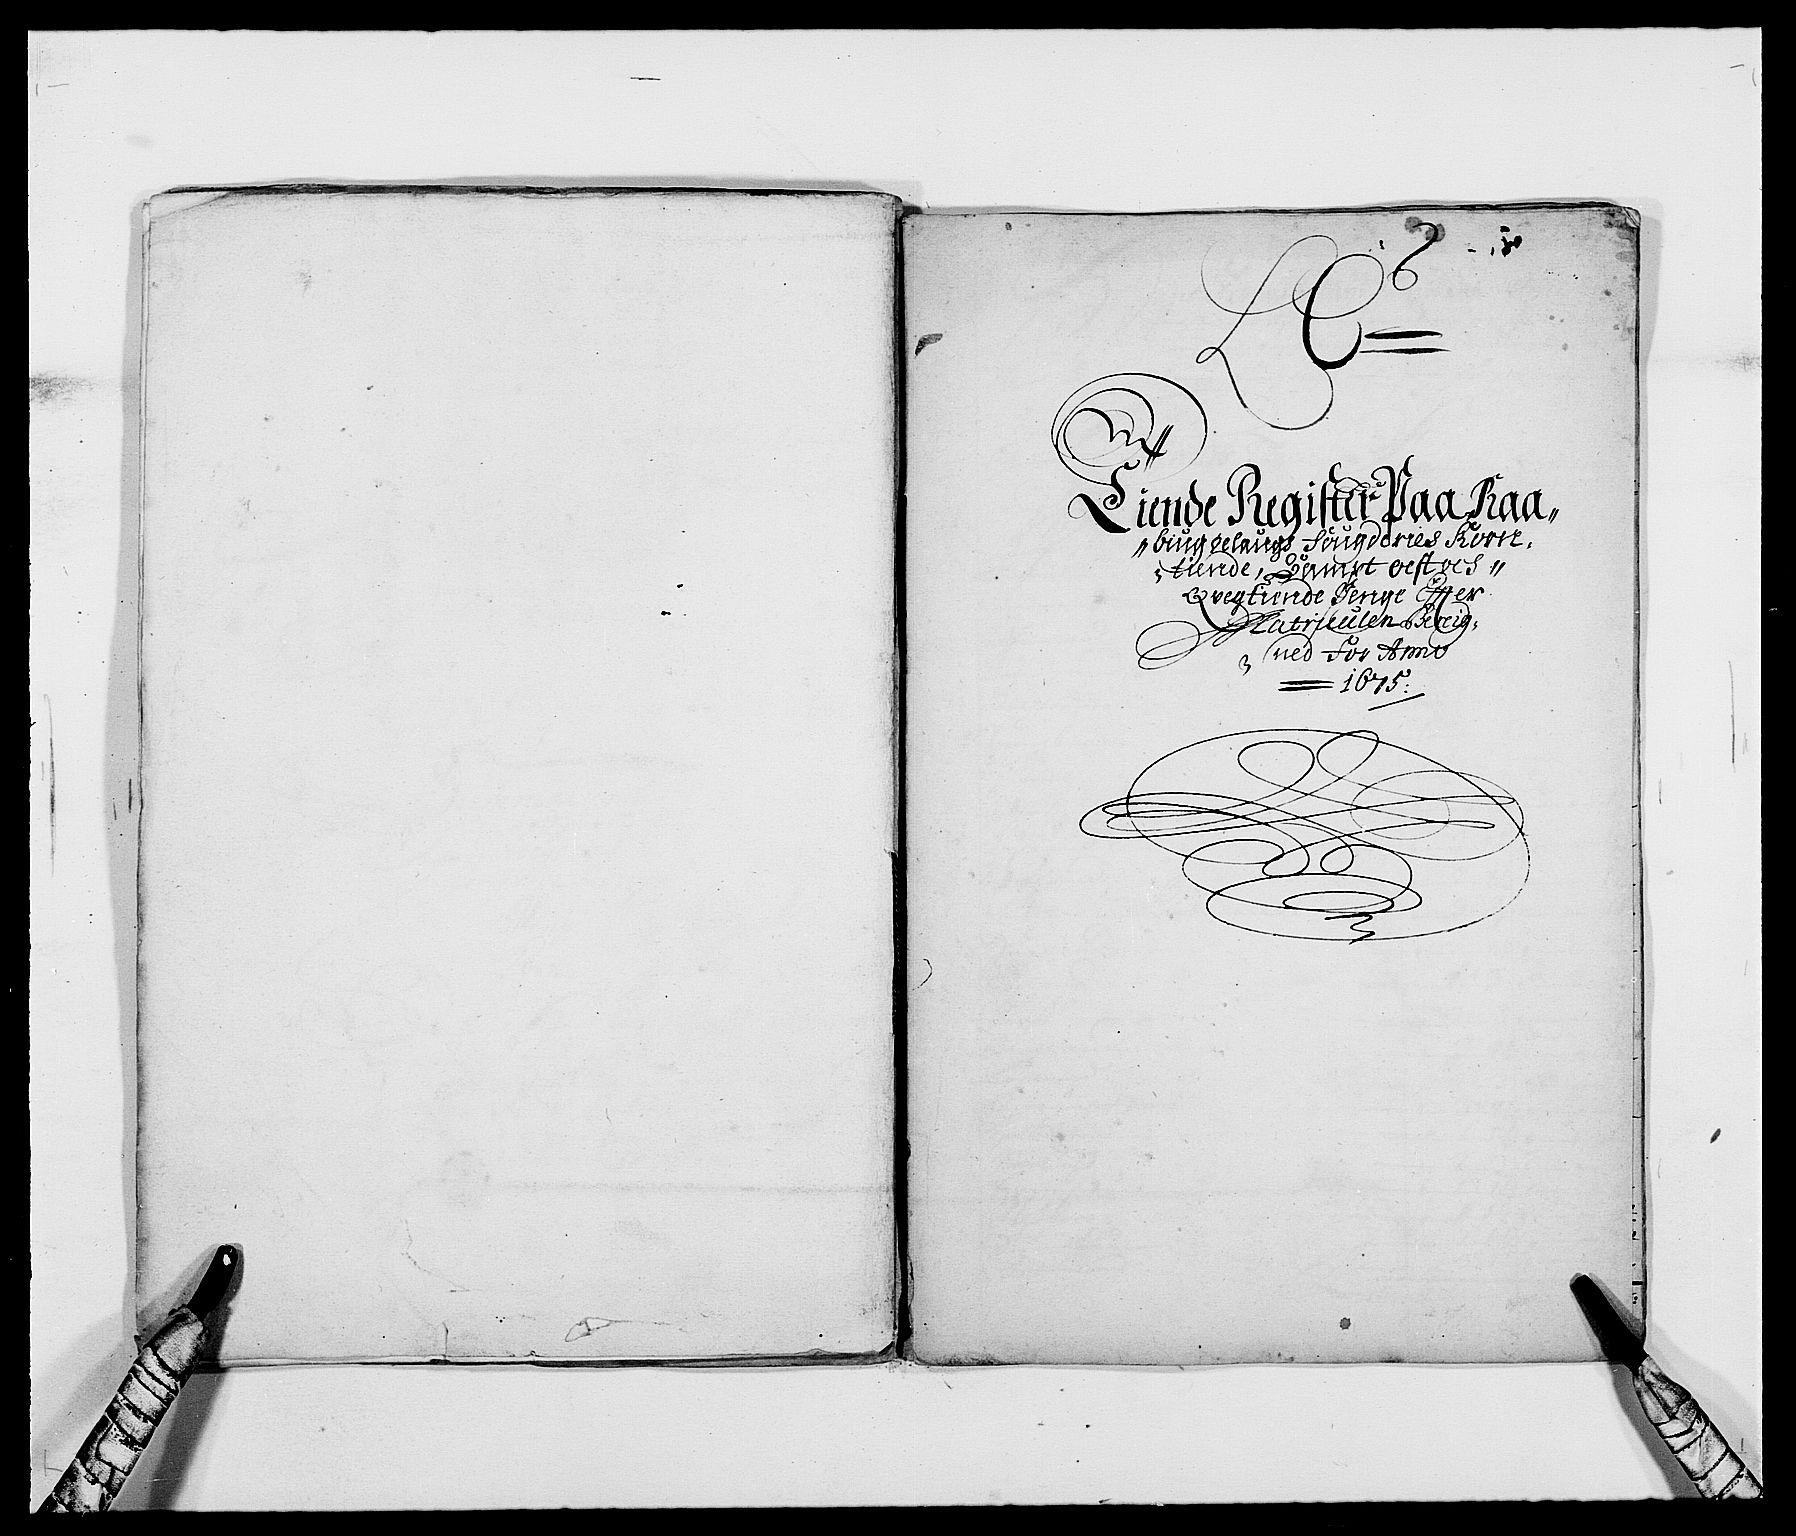 RA, Rentekammeret inntil 1814, Reviderte regnskaper, Fogderegnskap, R40/L2434: Fogderegnskap Råbyggelag, 1675-1676, s. 15